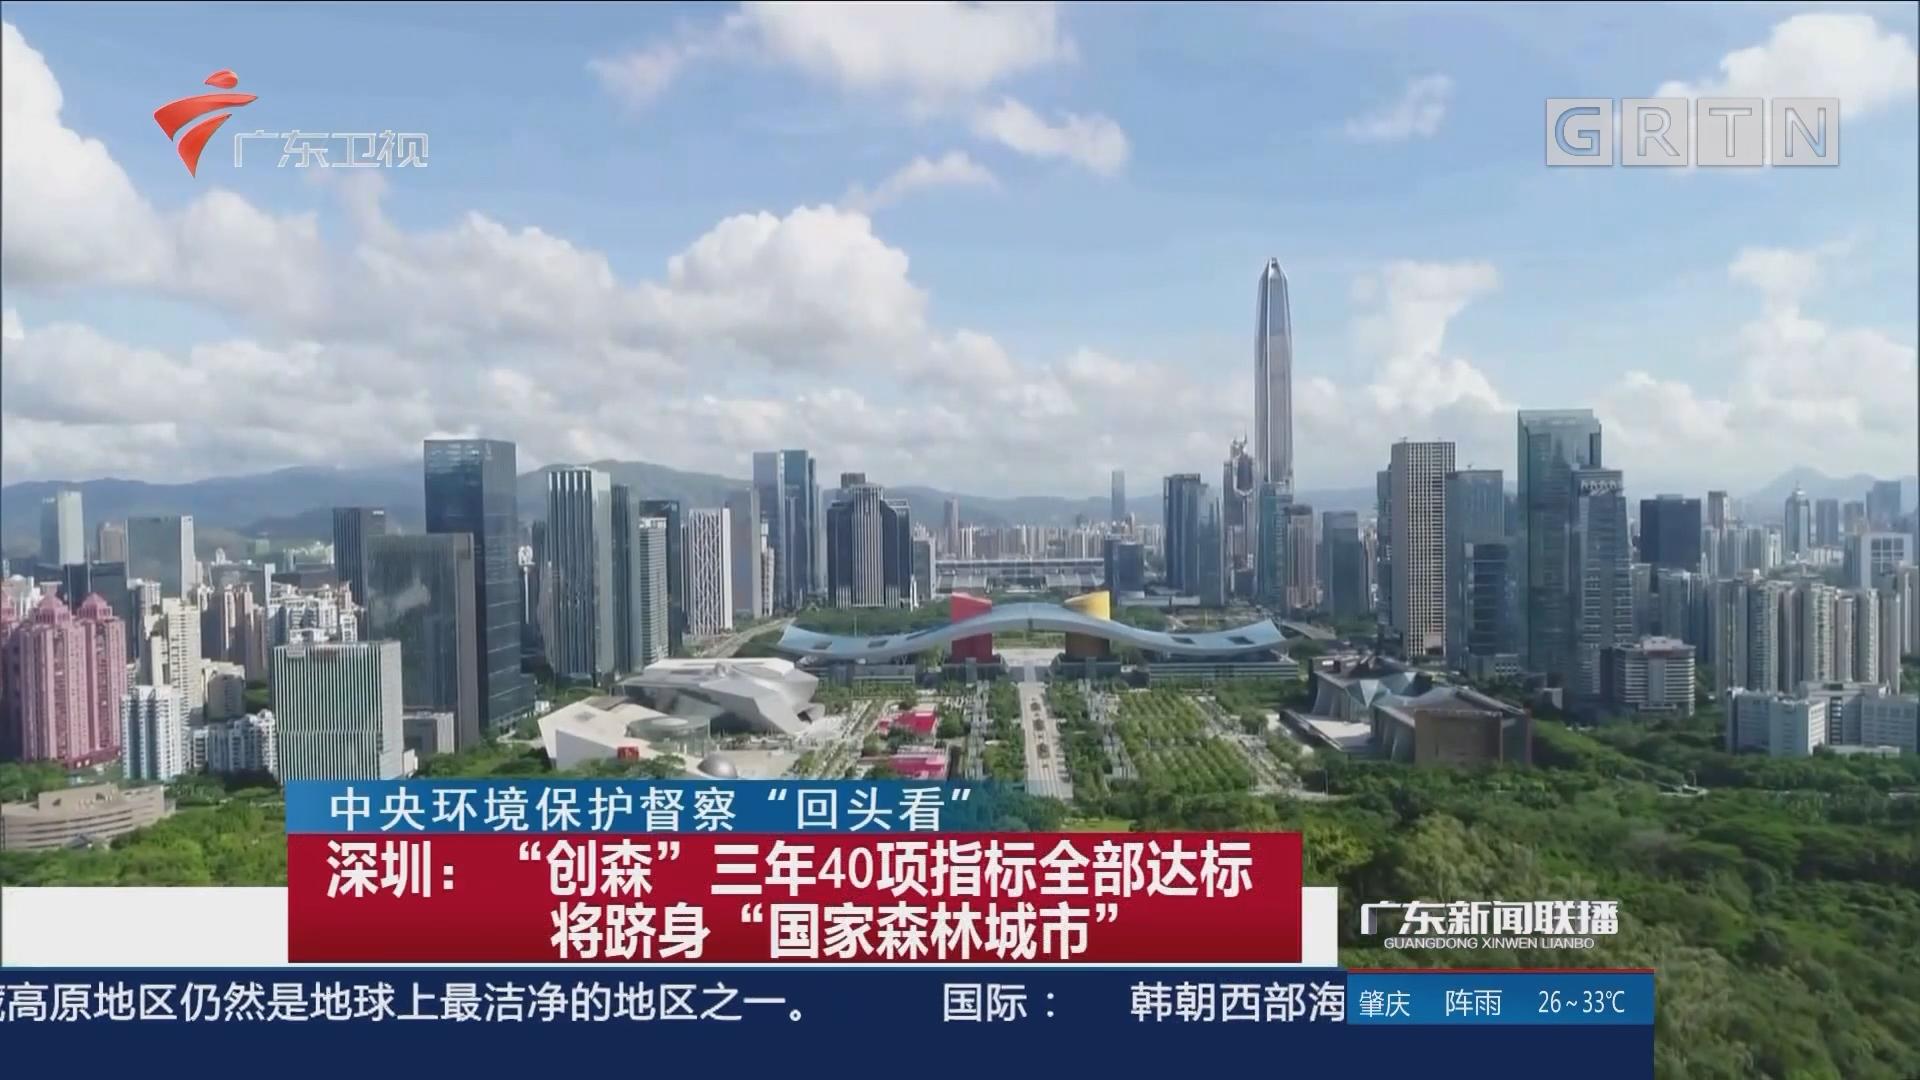 """深圳:""""创森""""三年40项指标全部达标将跻身""""国家森林城市"""""""